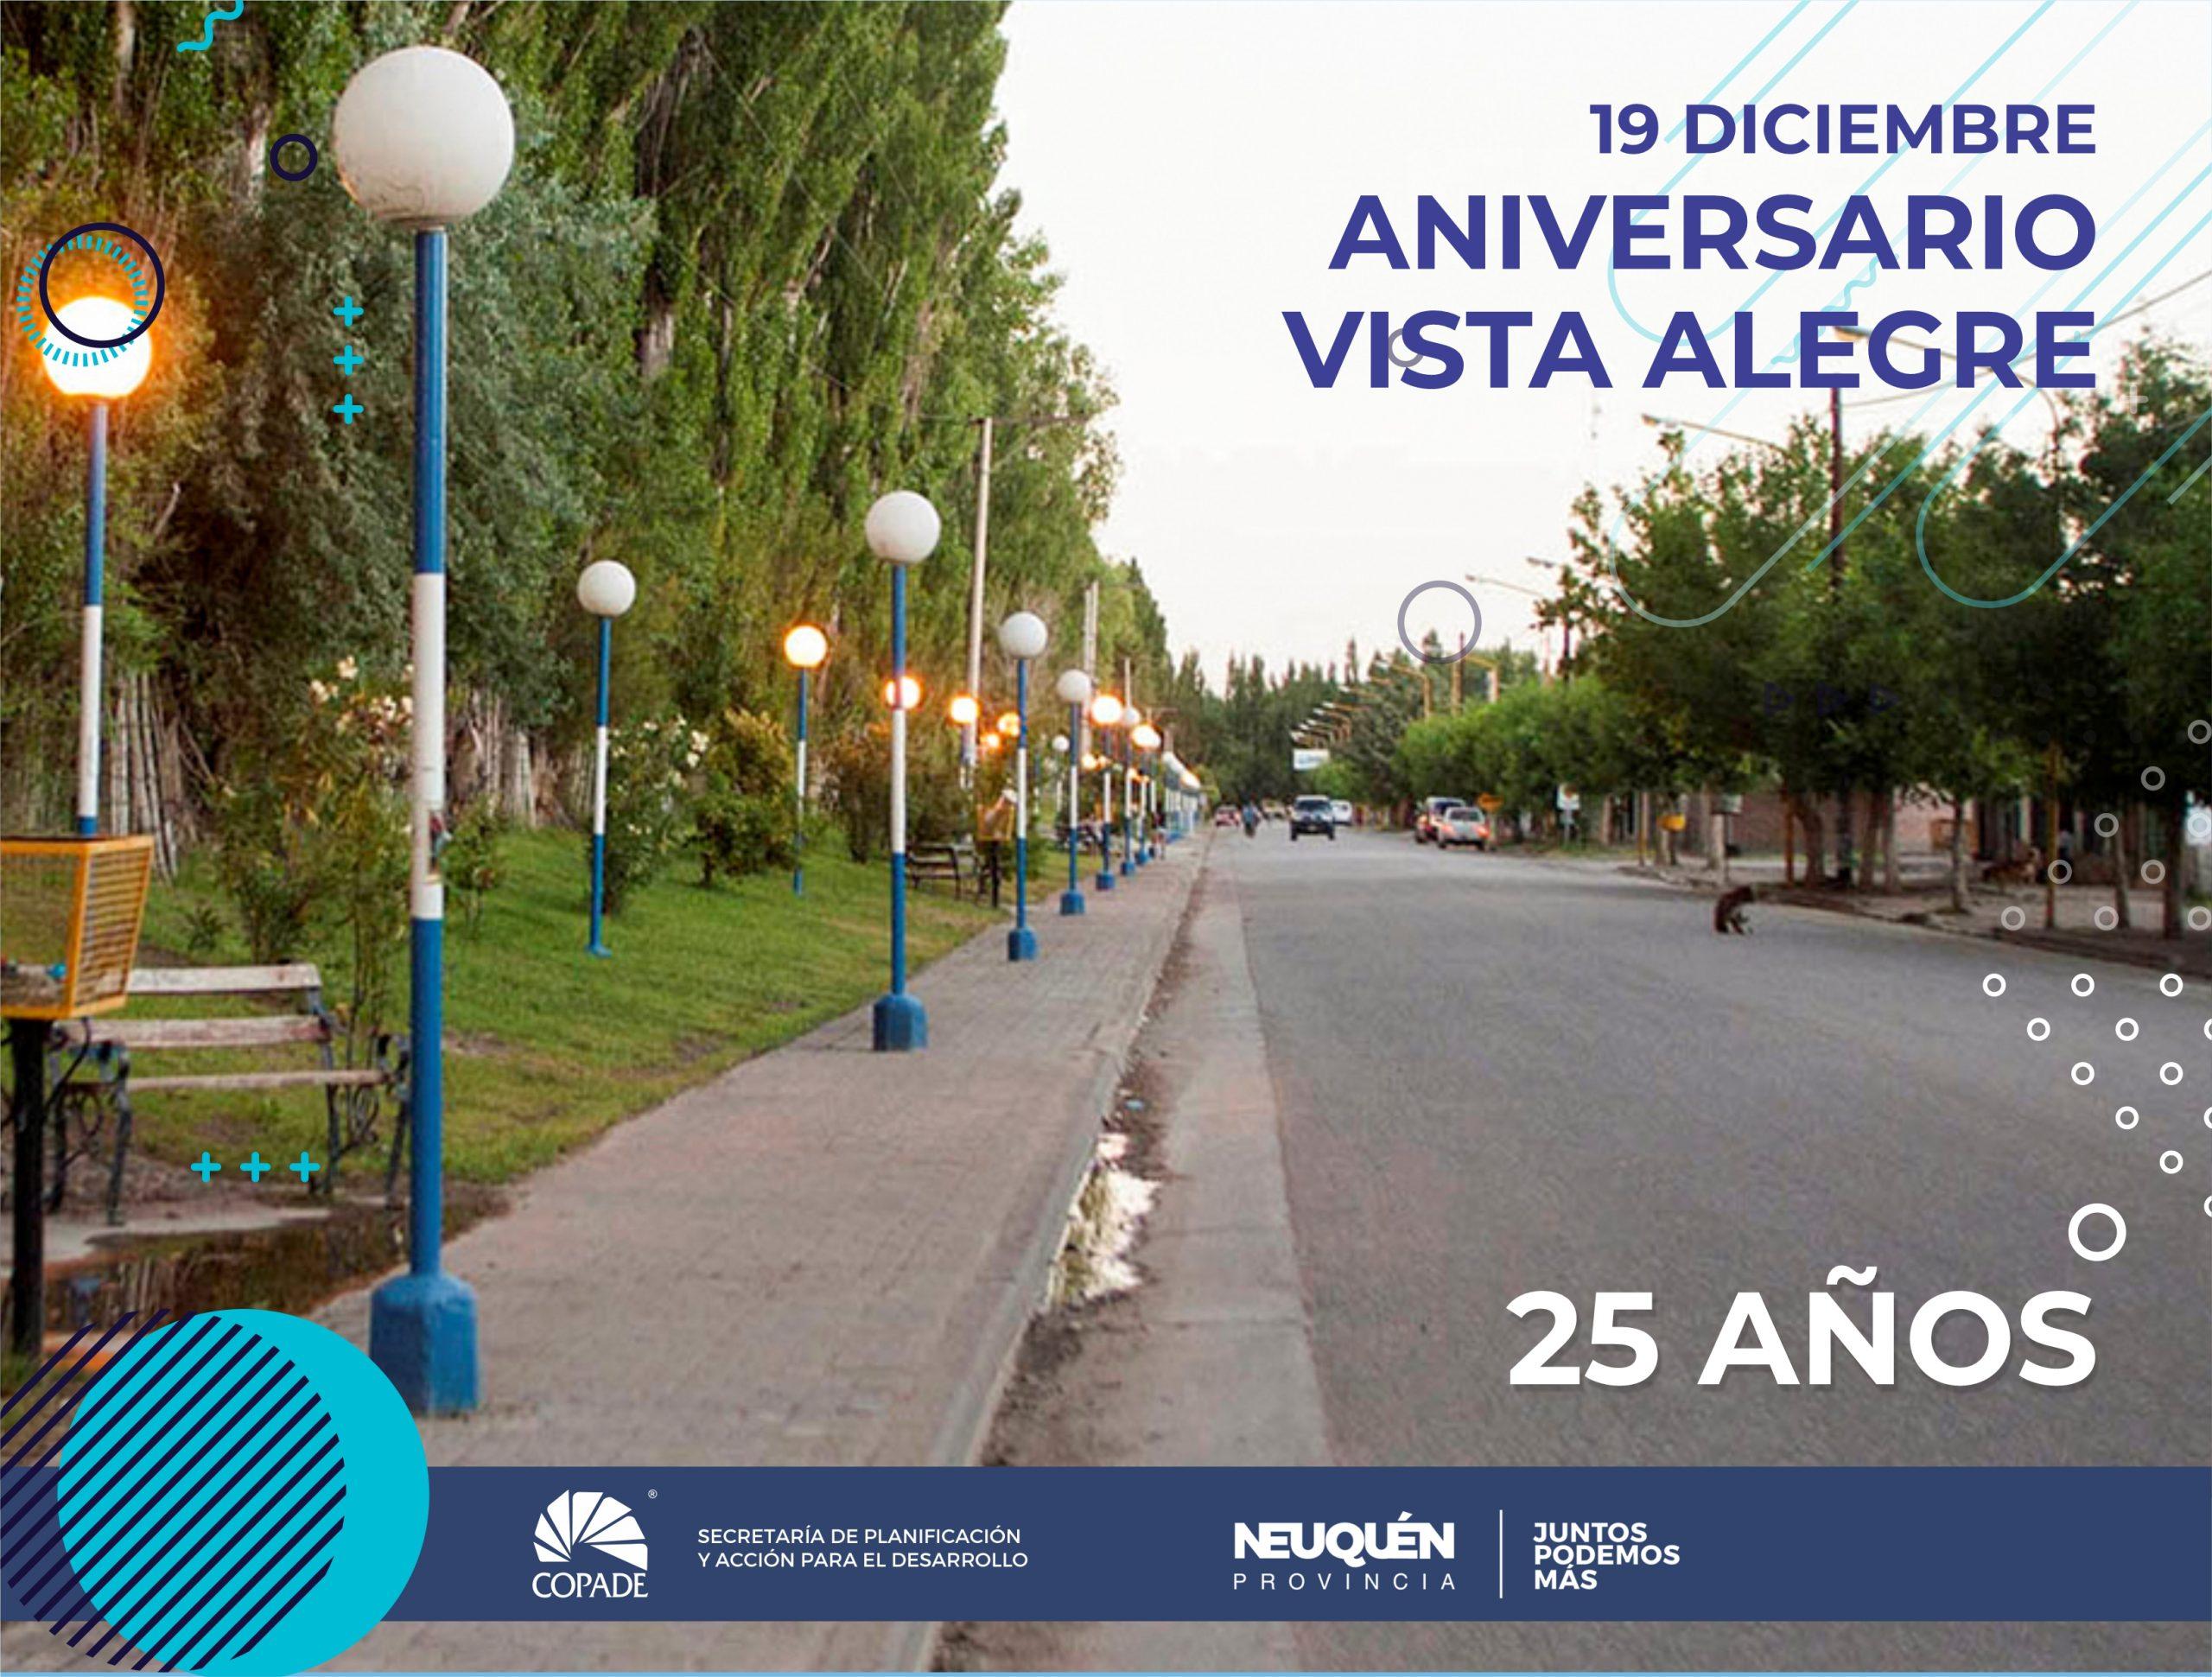 19 diciembre | Aniversario de Vista Alegre